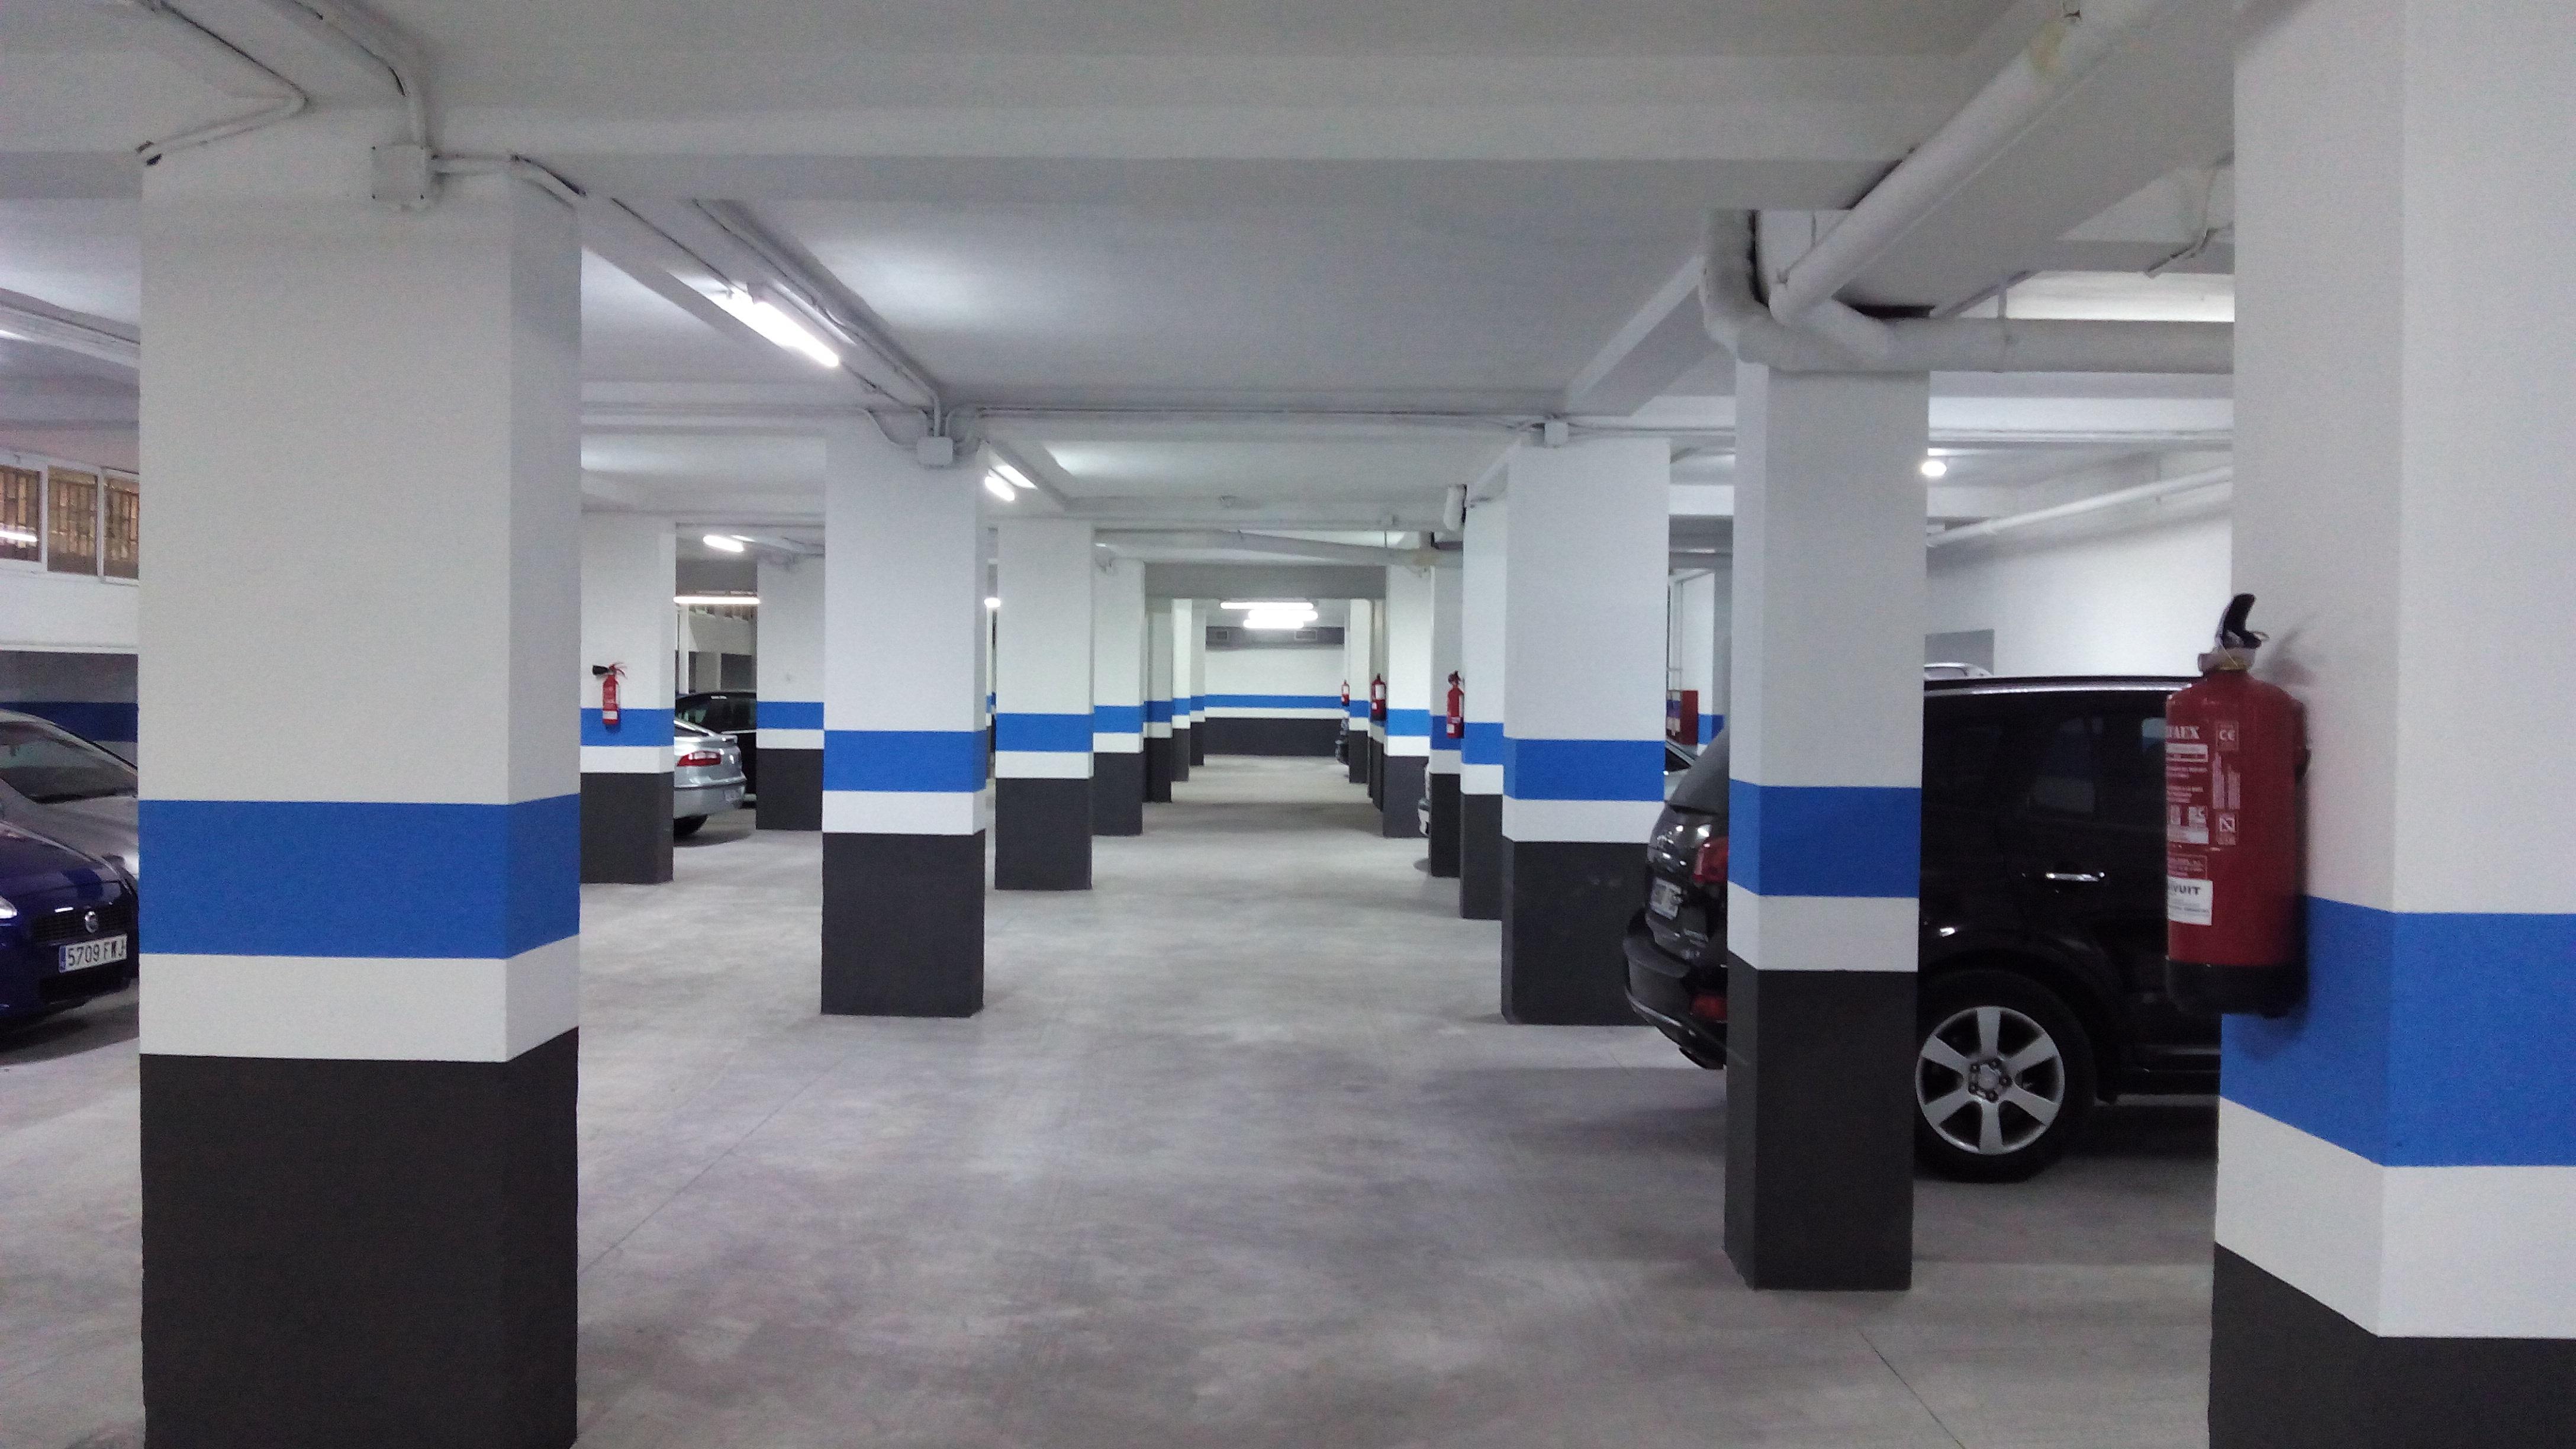 Garaje en explotaci n de 40 plazas junto estaci n del ave for Plazas de garaje valladolid